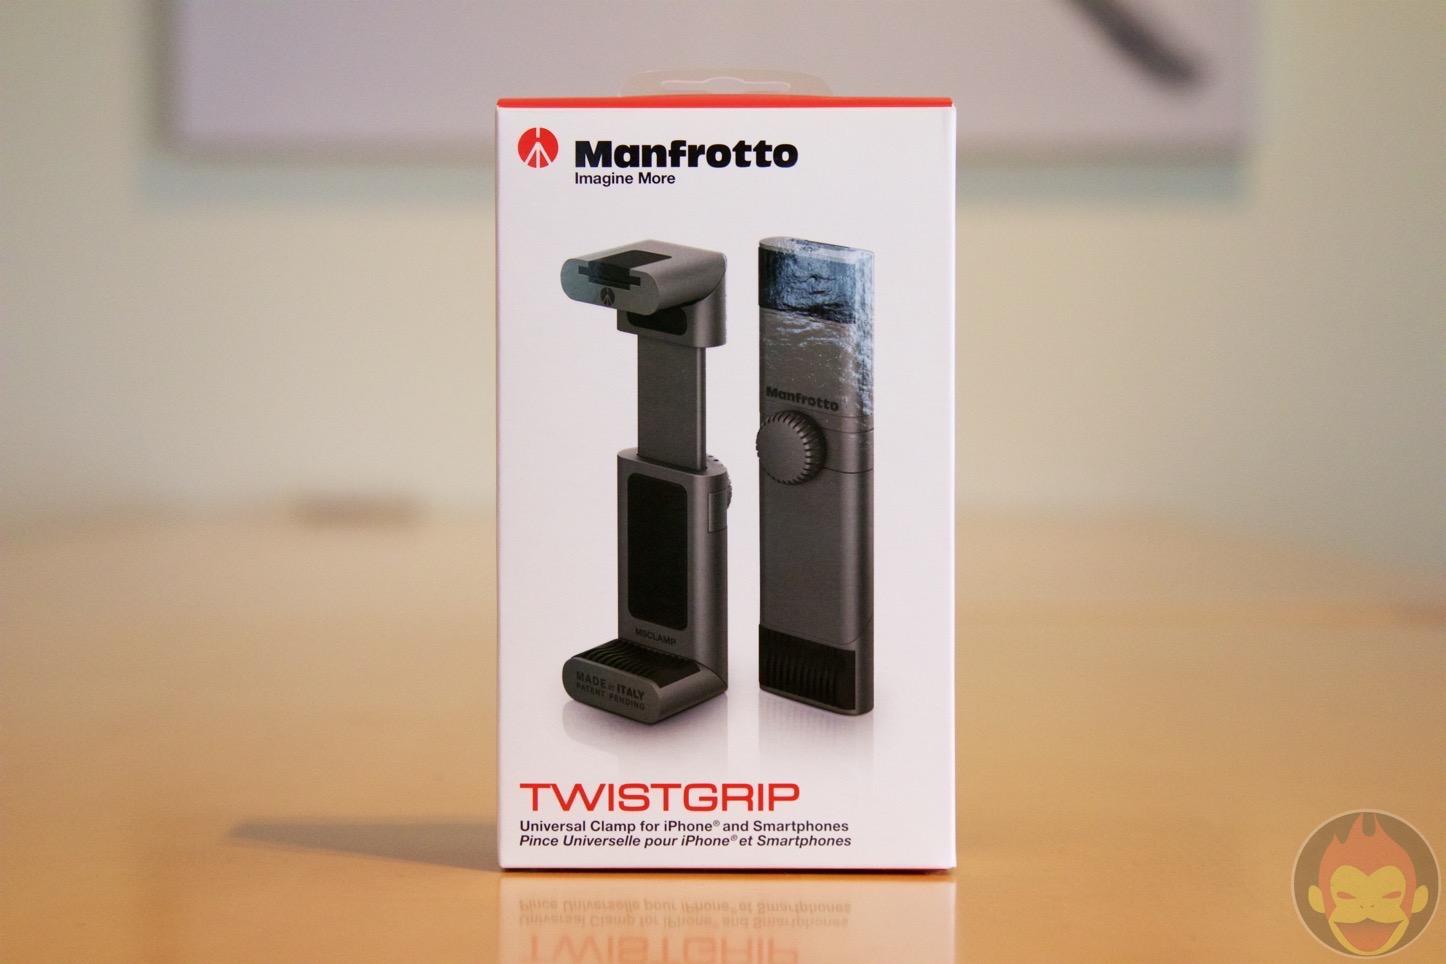 Manfrotto TwistGrip